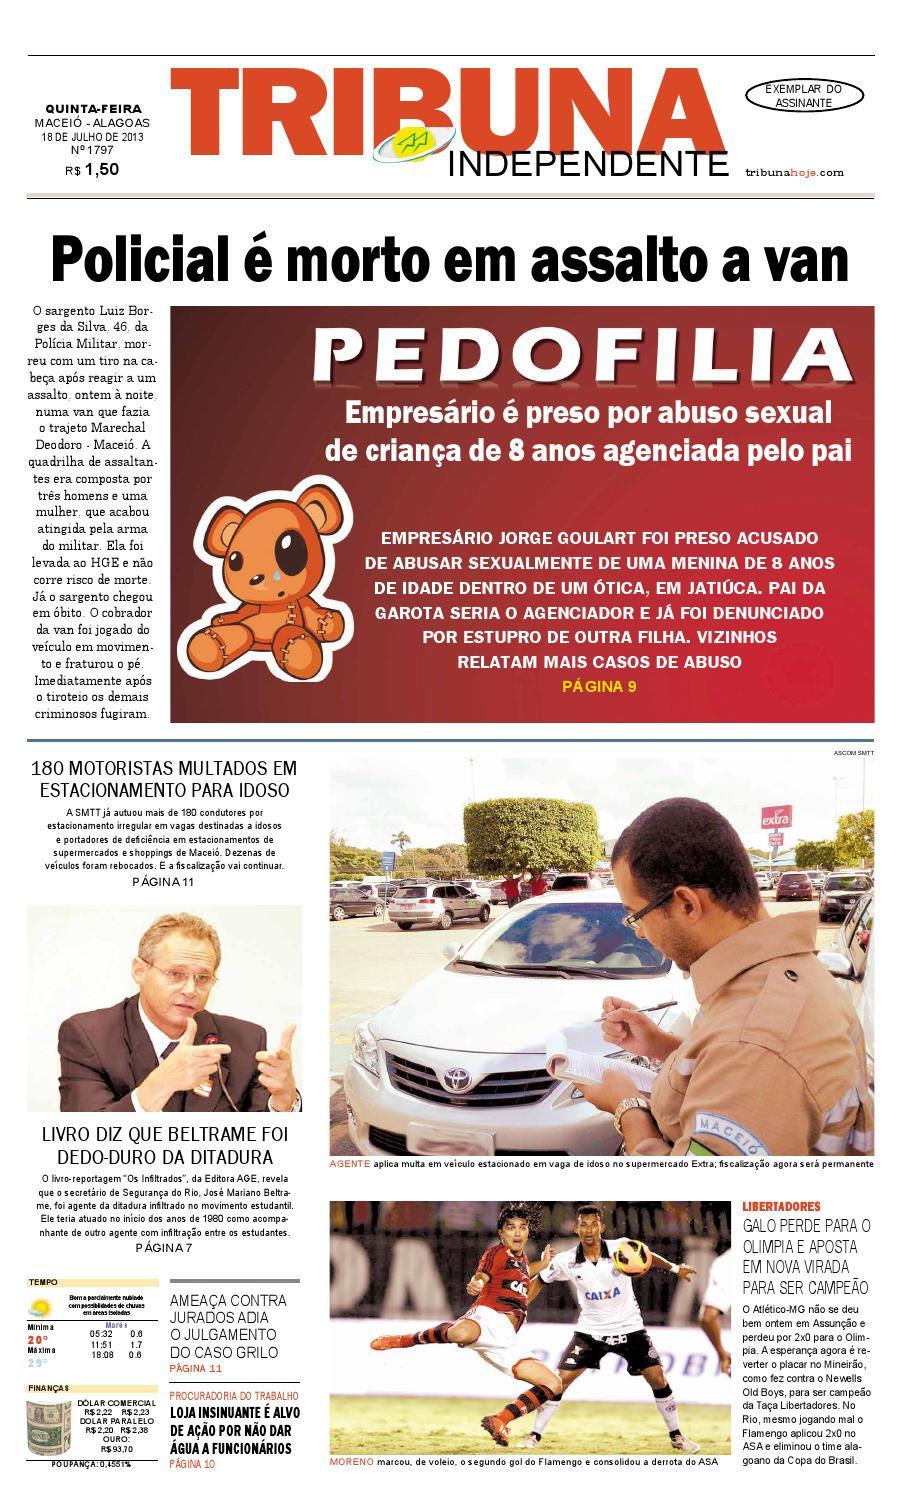 19b3b1ff7a5 Edição número 1797 - 18 de julho de 2013 by Tribuna Hoje - issuu